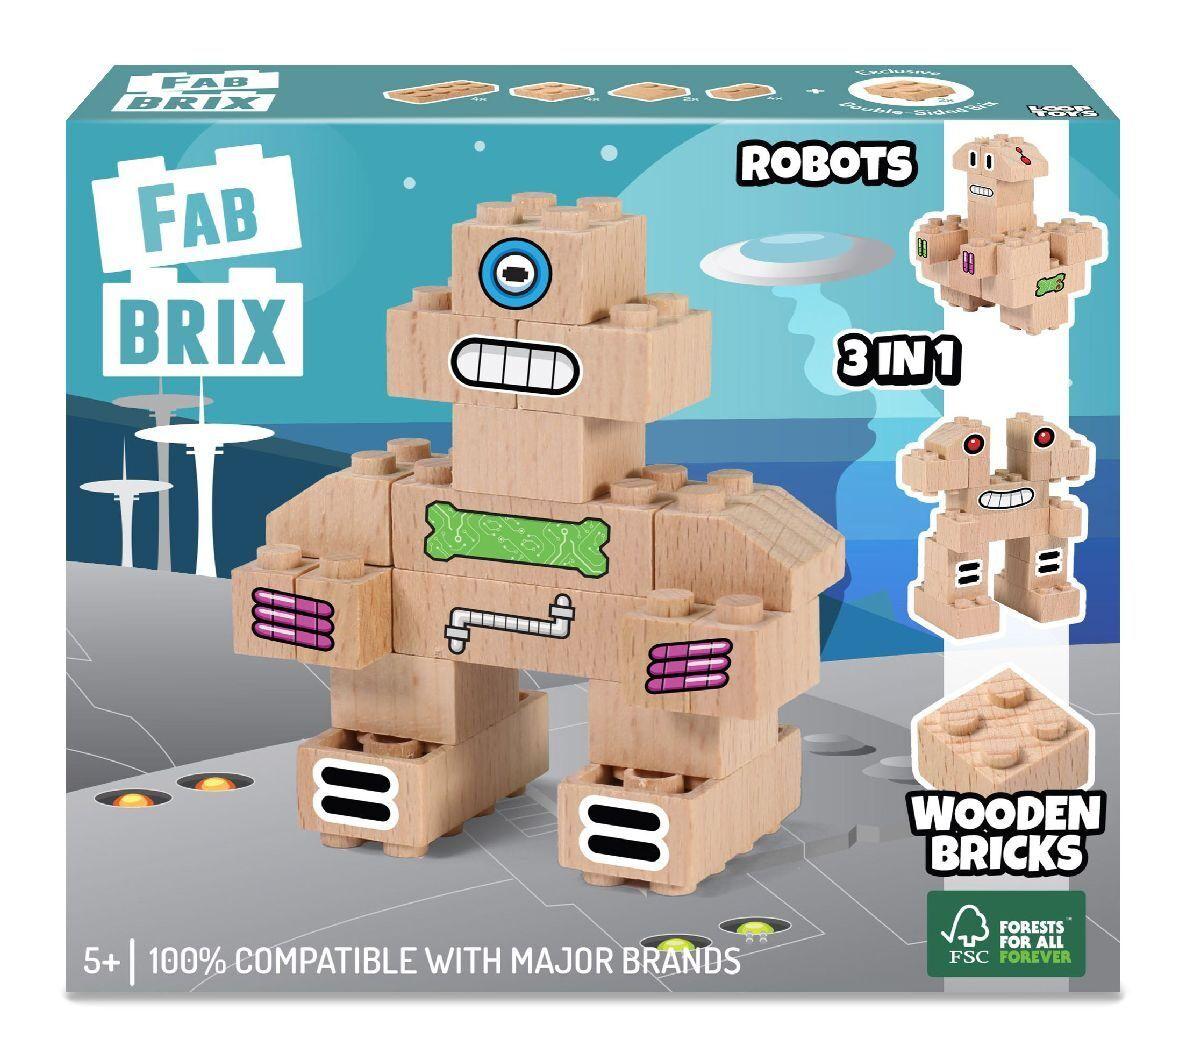 Конструктор FabBRIX JG 1805 Robots (Роботы)